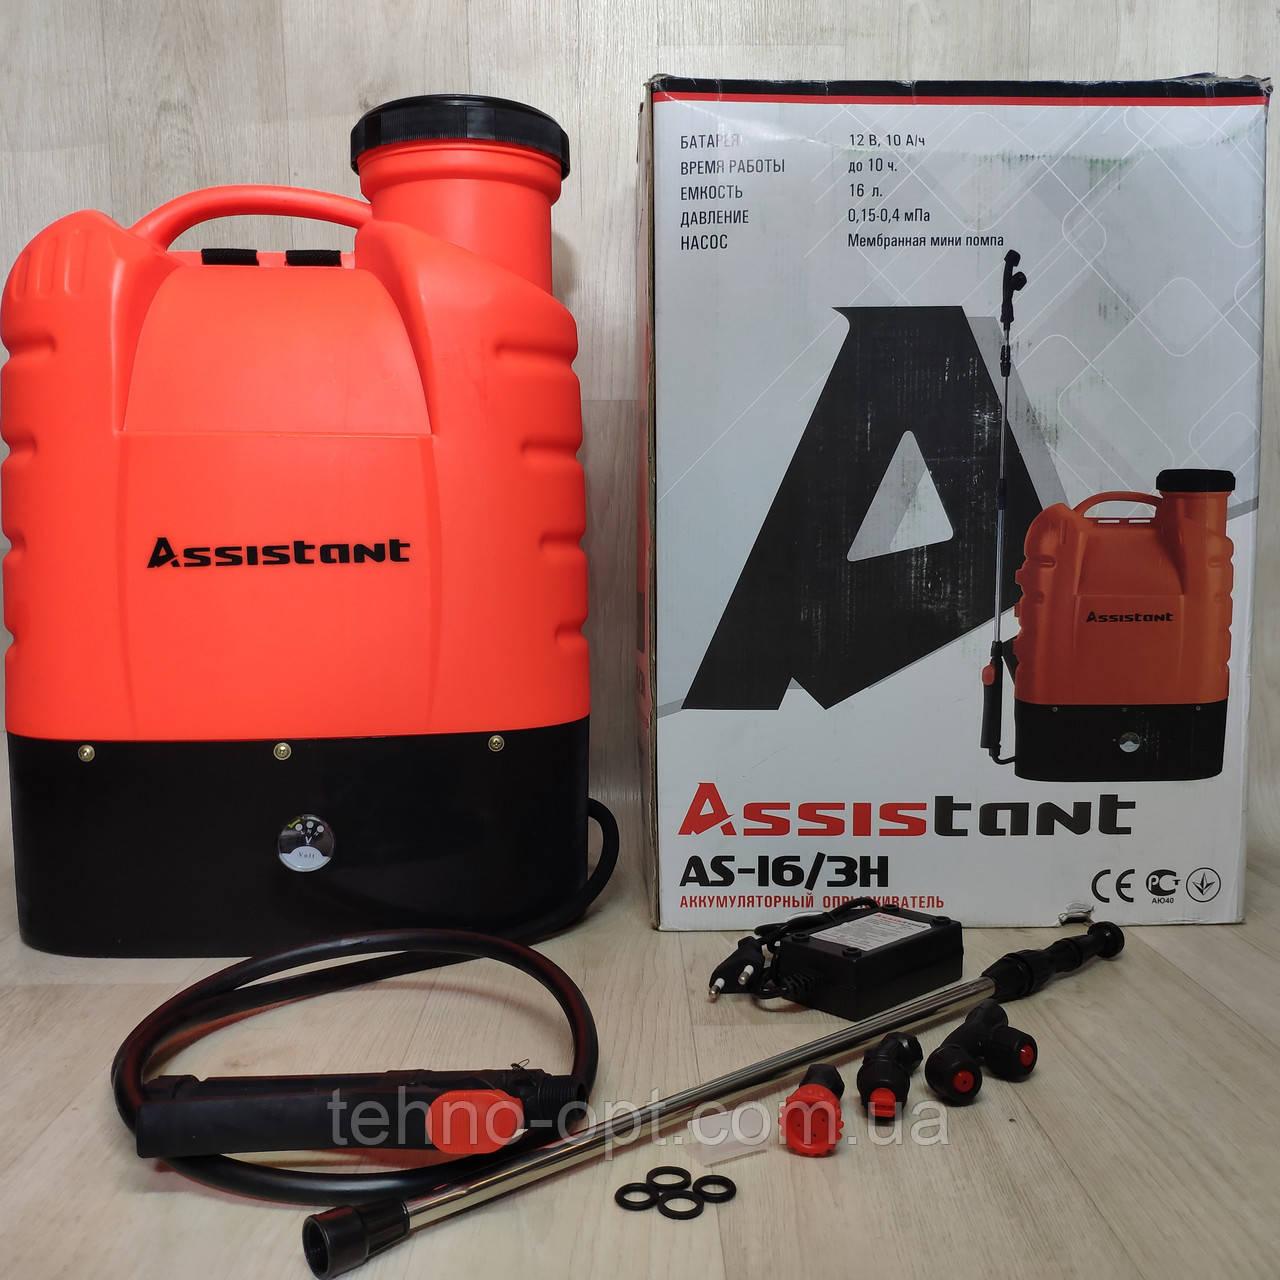 Аккумуляторный опрыскиватель Assistant AS-16/3H